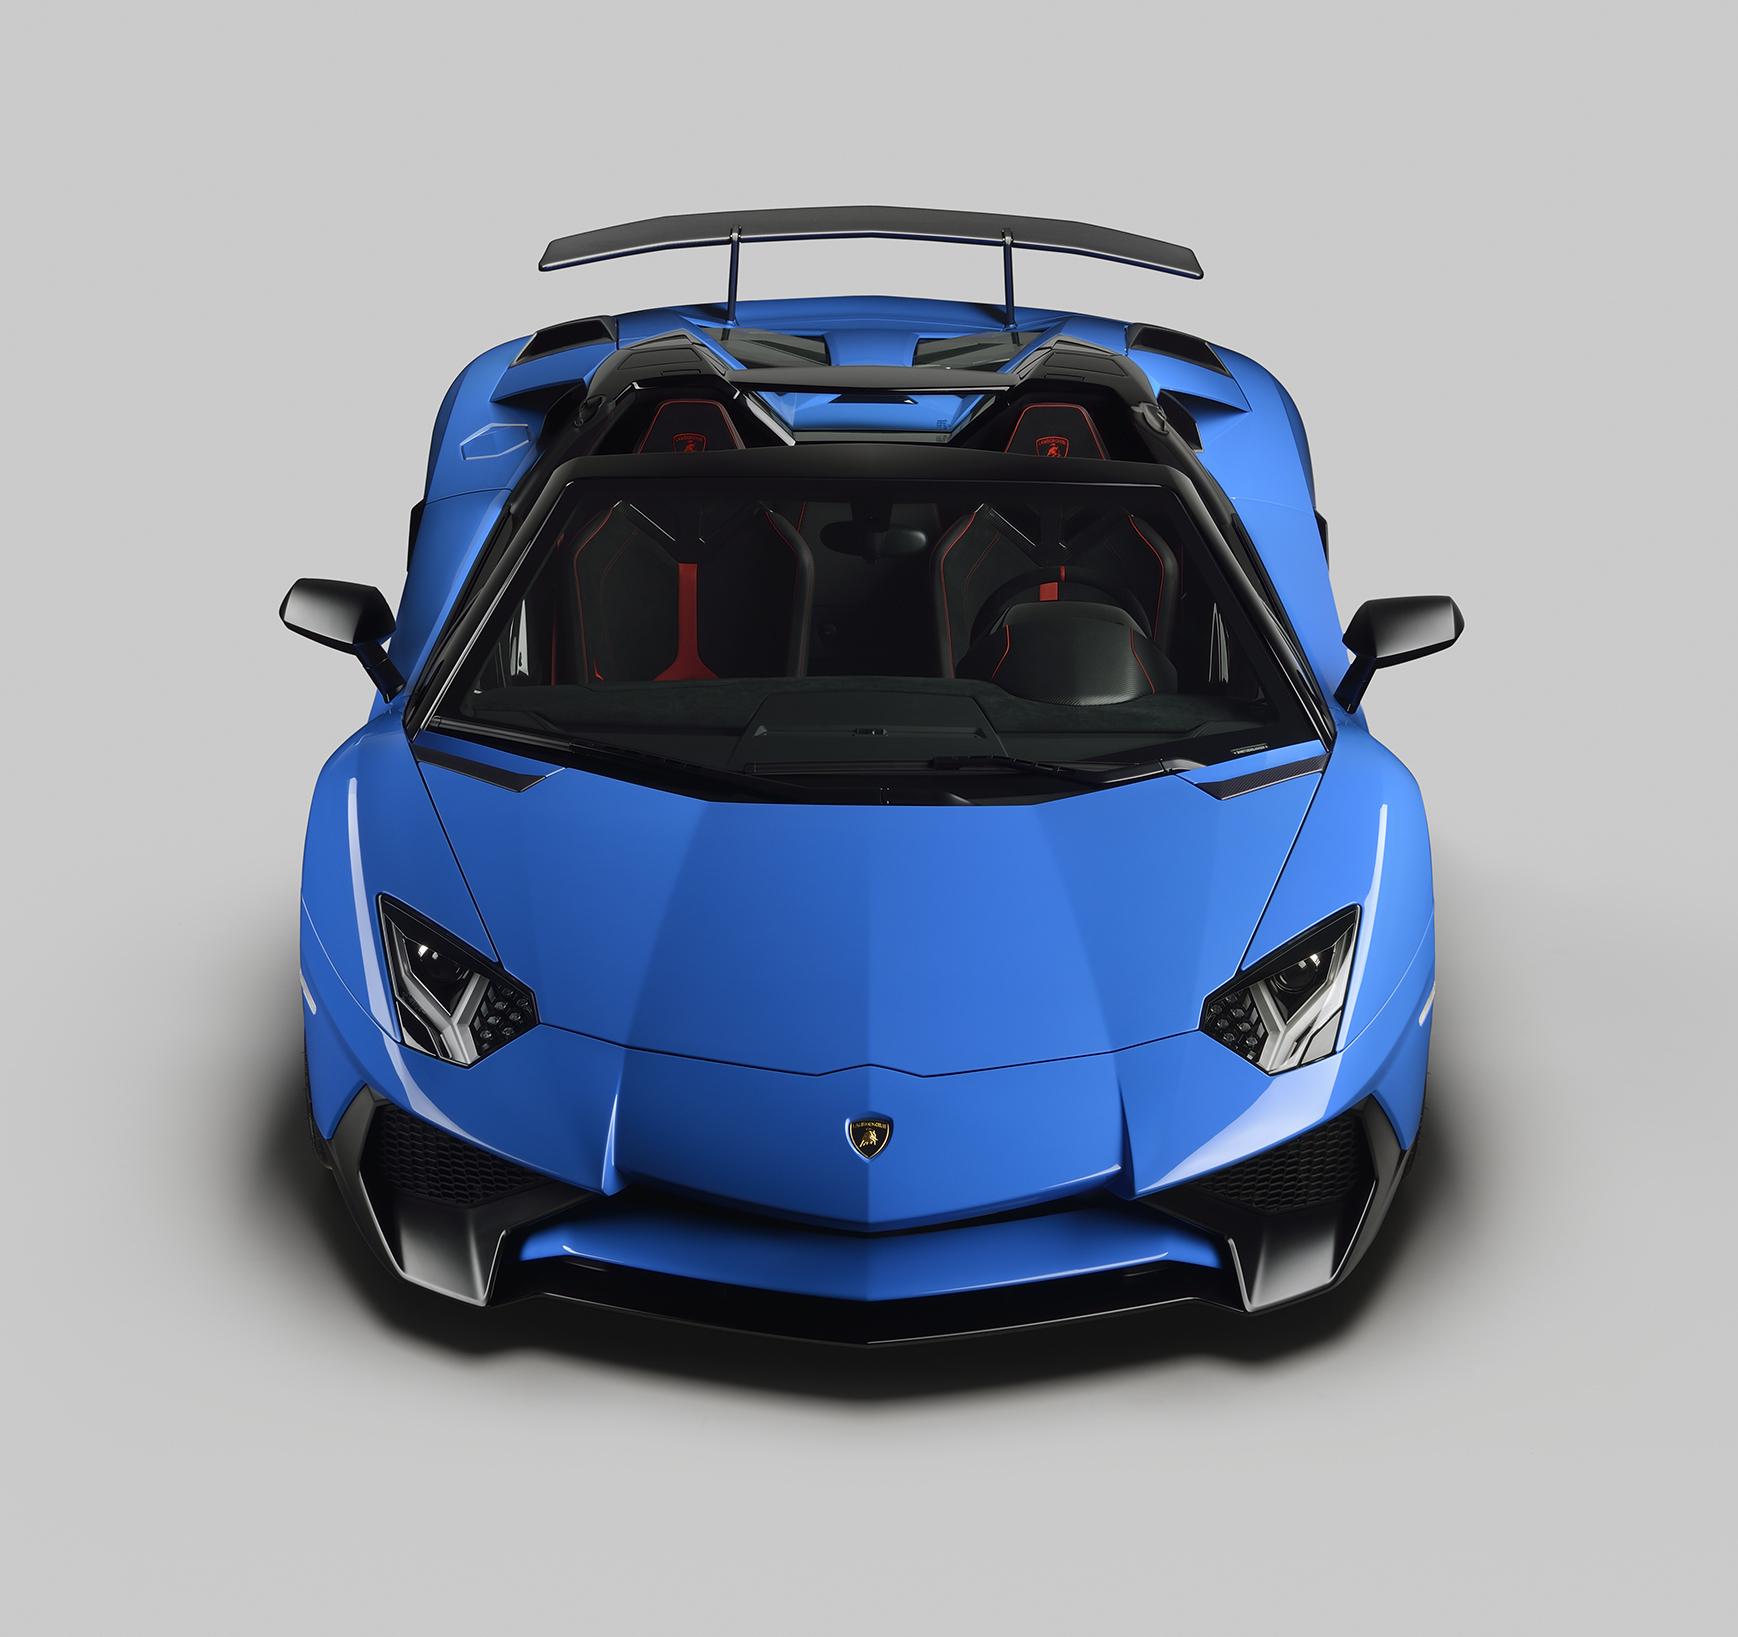 Lamborghini Aventador Superveloce Roadster 7